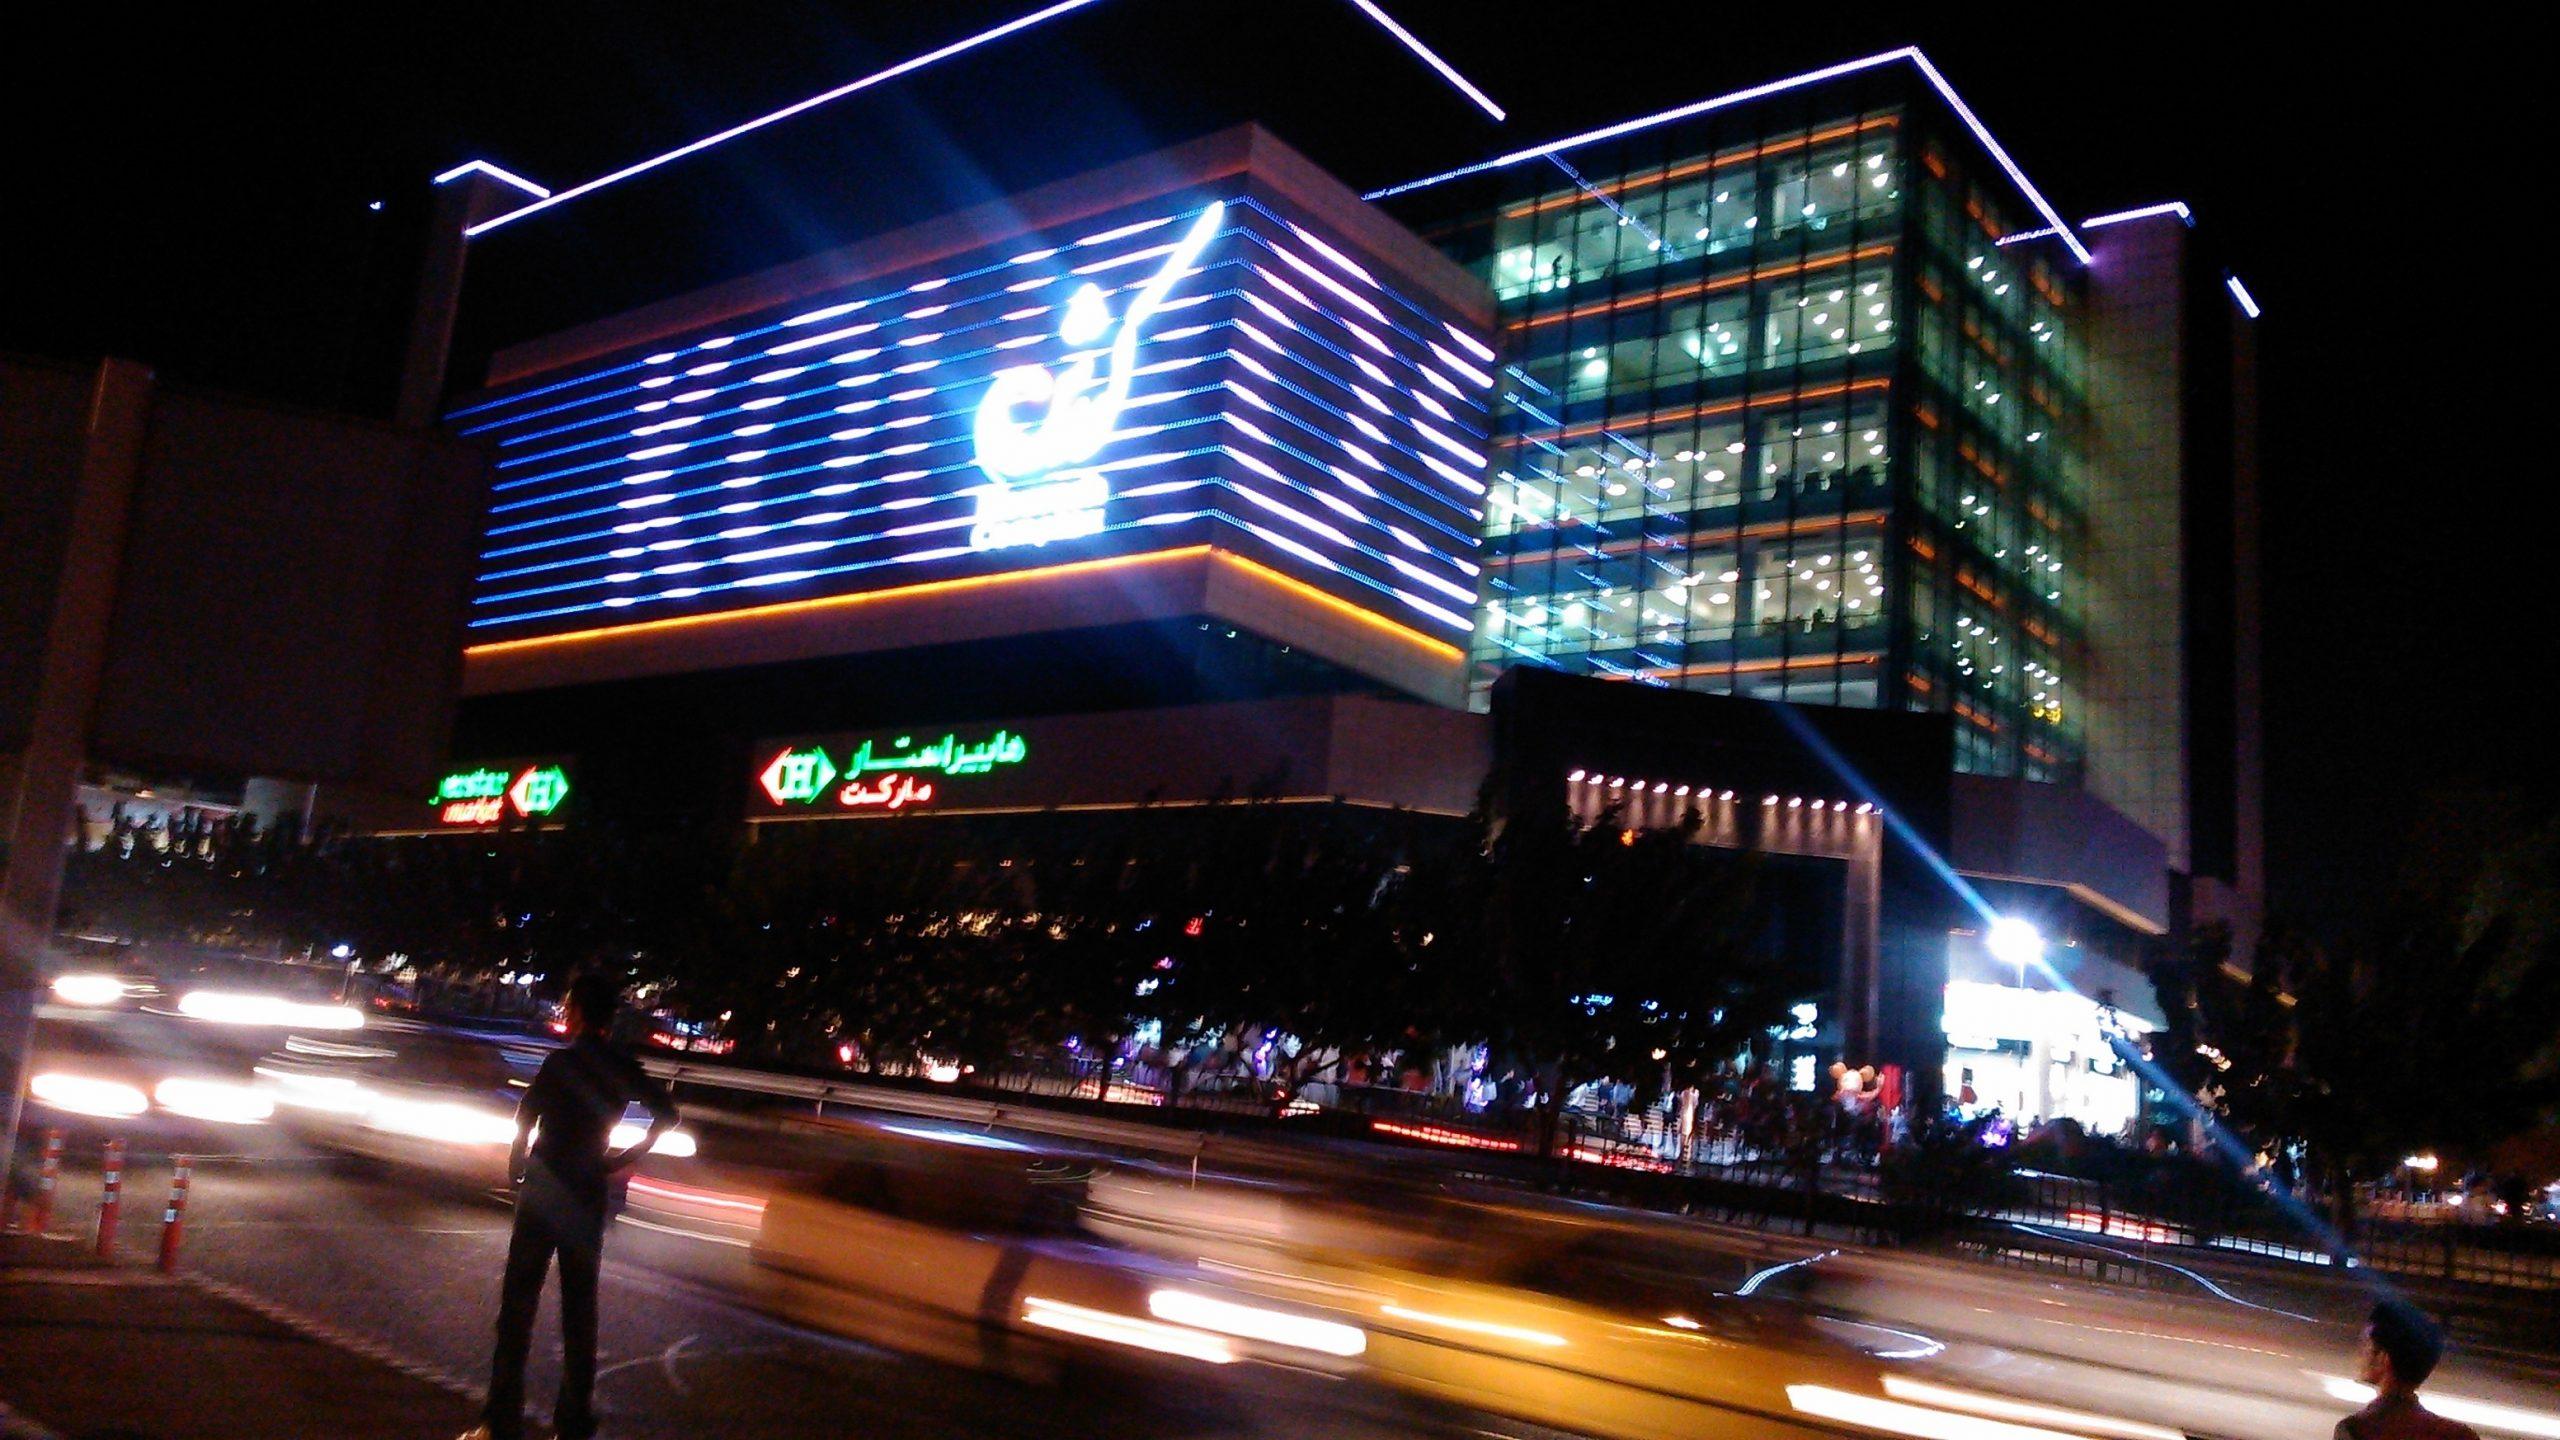 نمای شبانه از سینما کوروش تهران